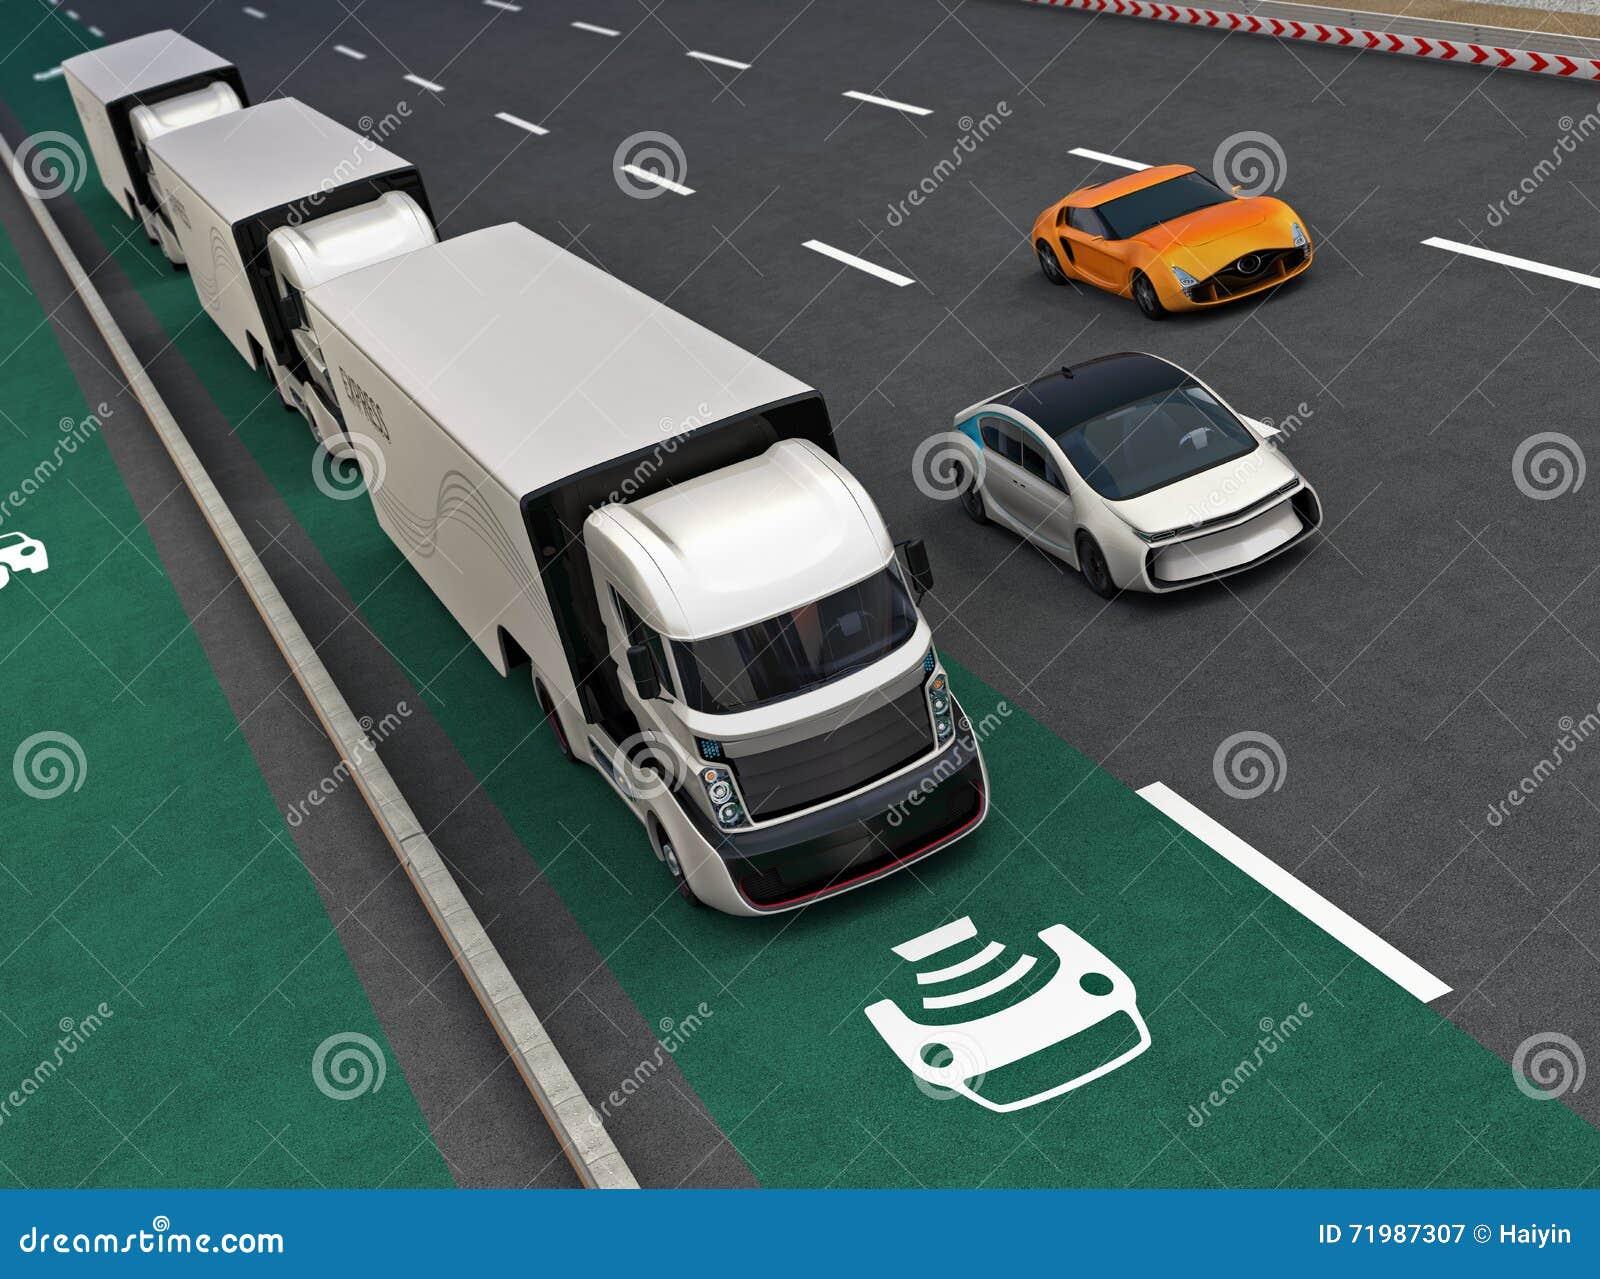 Frota dos caminhões híbridos autônomos que conduzem na pista de carregamento sem fio